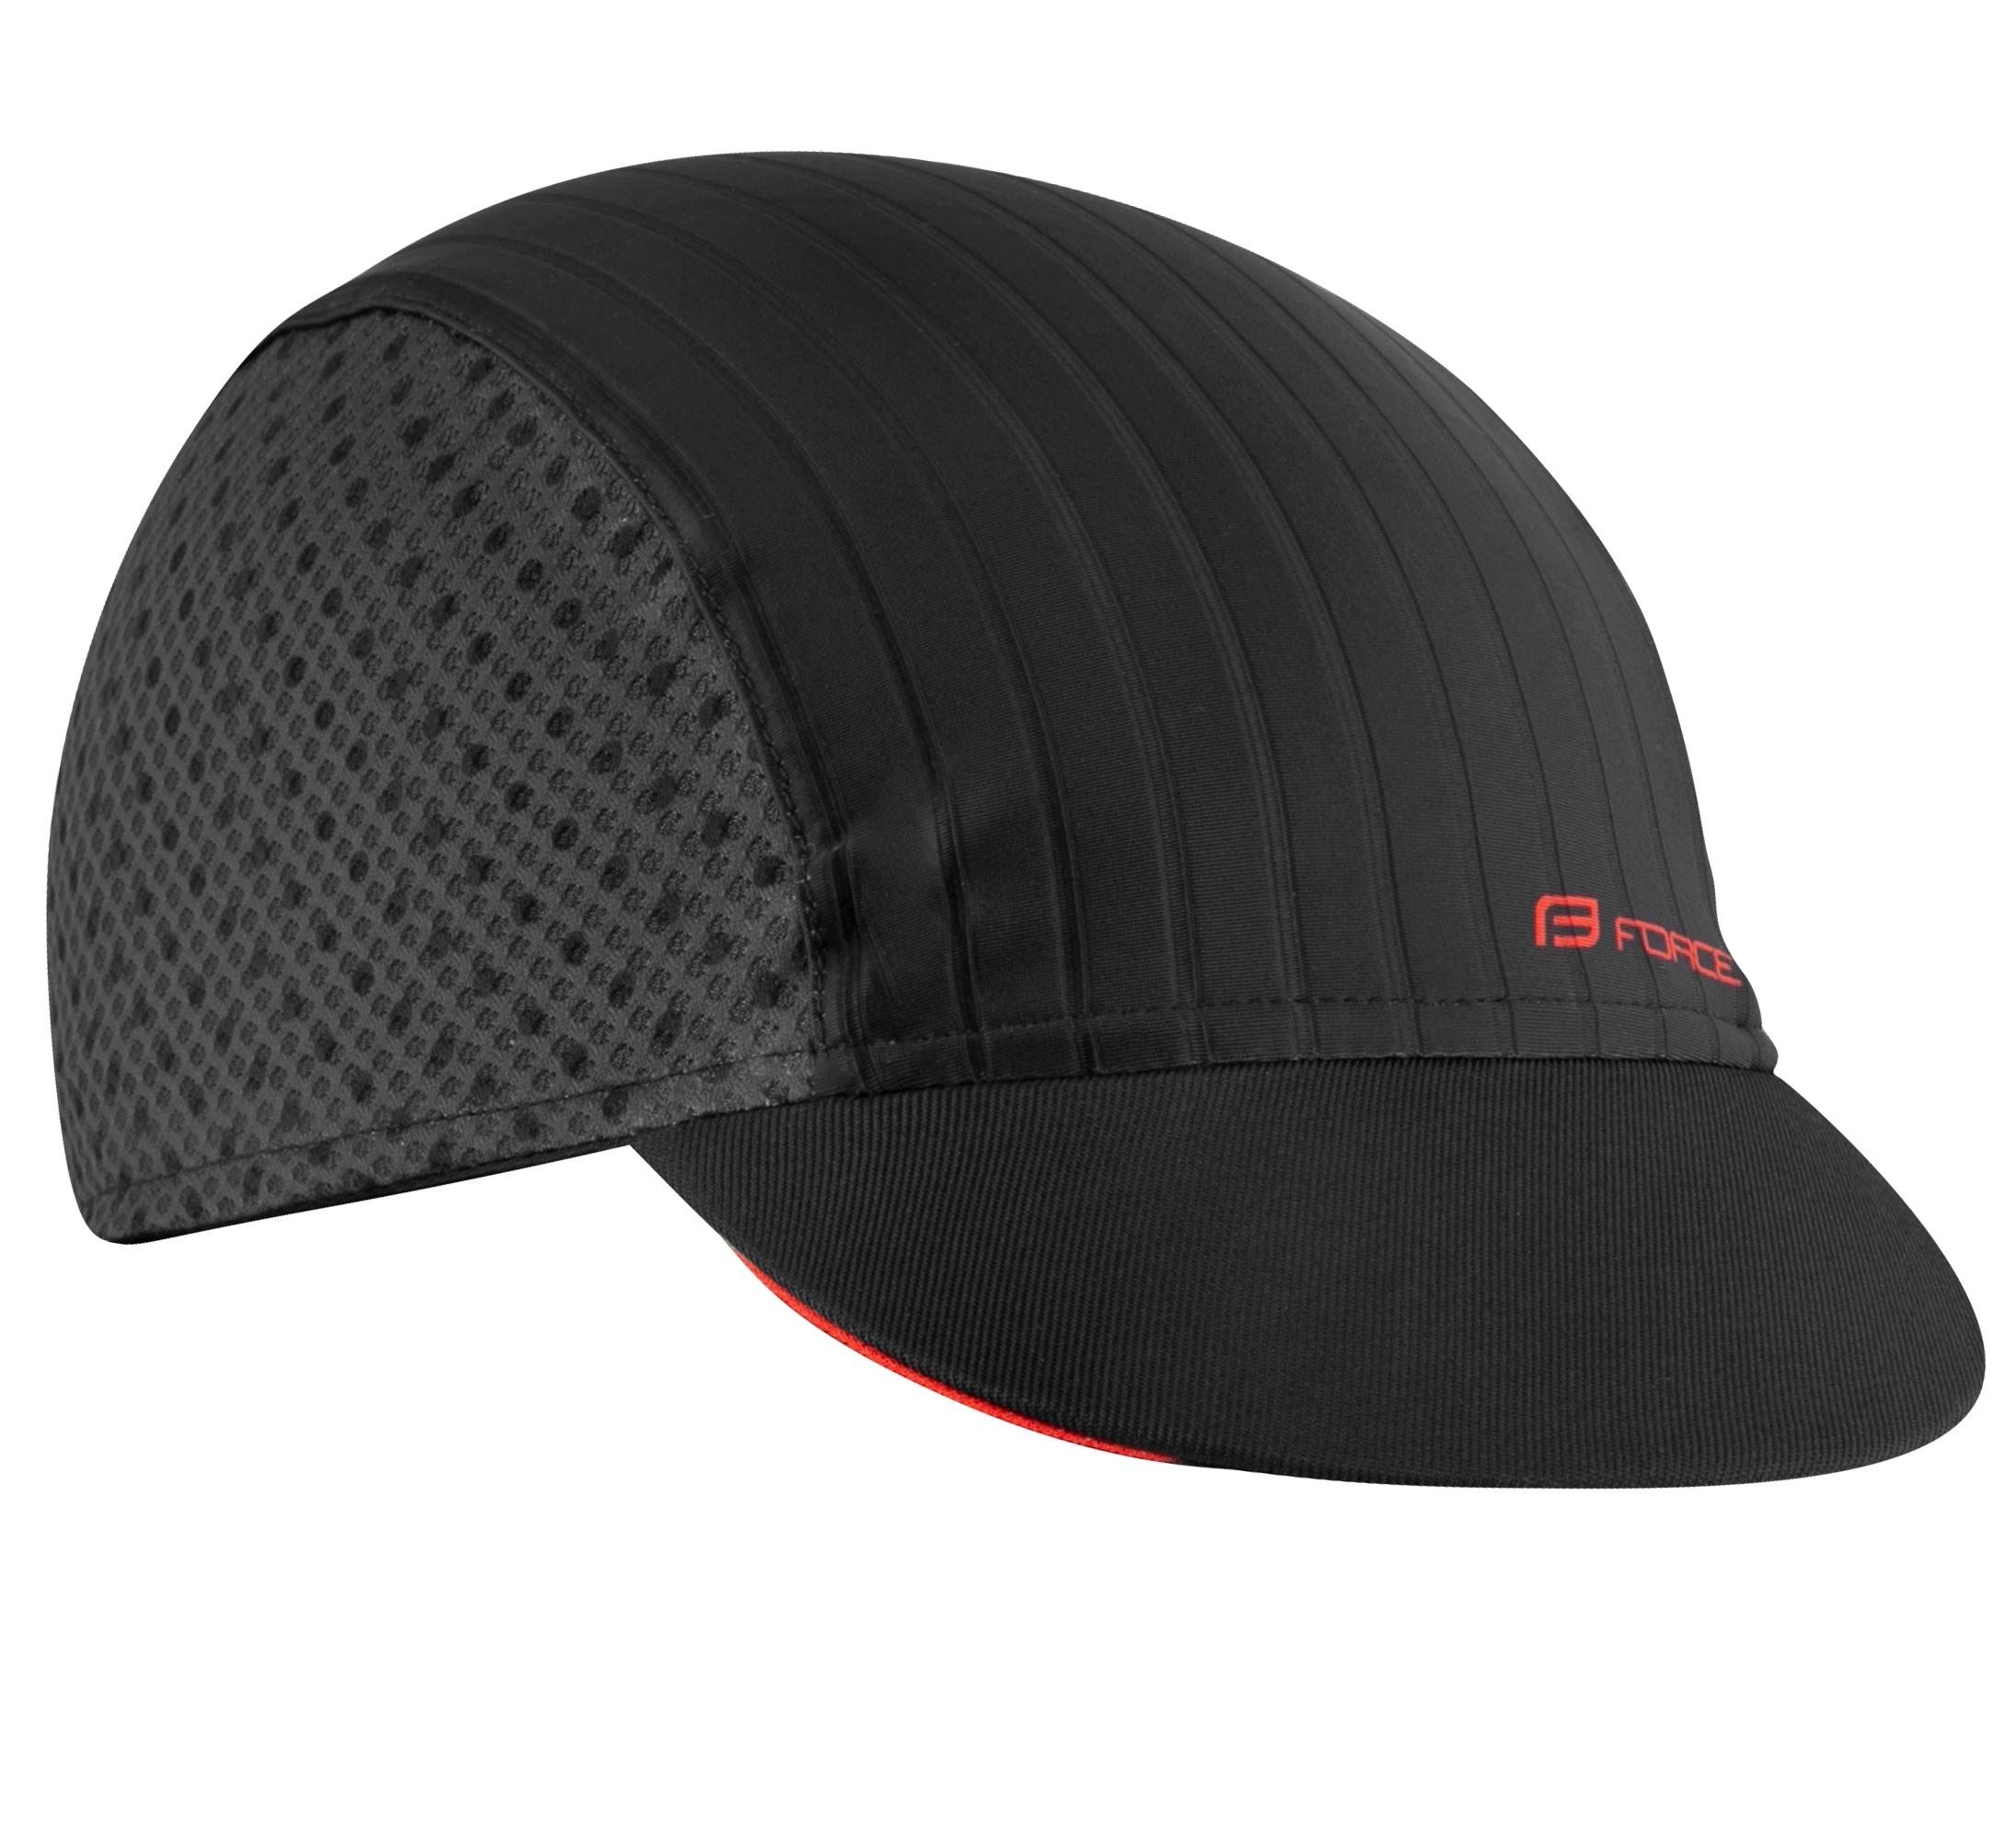 čepička s kšiltem F POINTS letní,černo-šedá L-XL